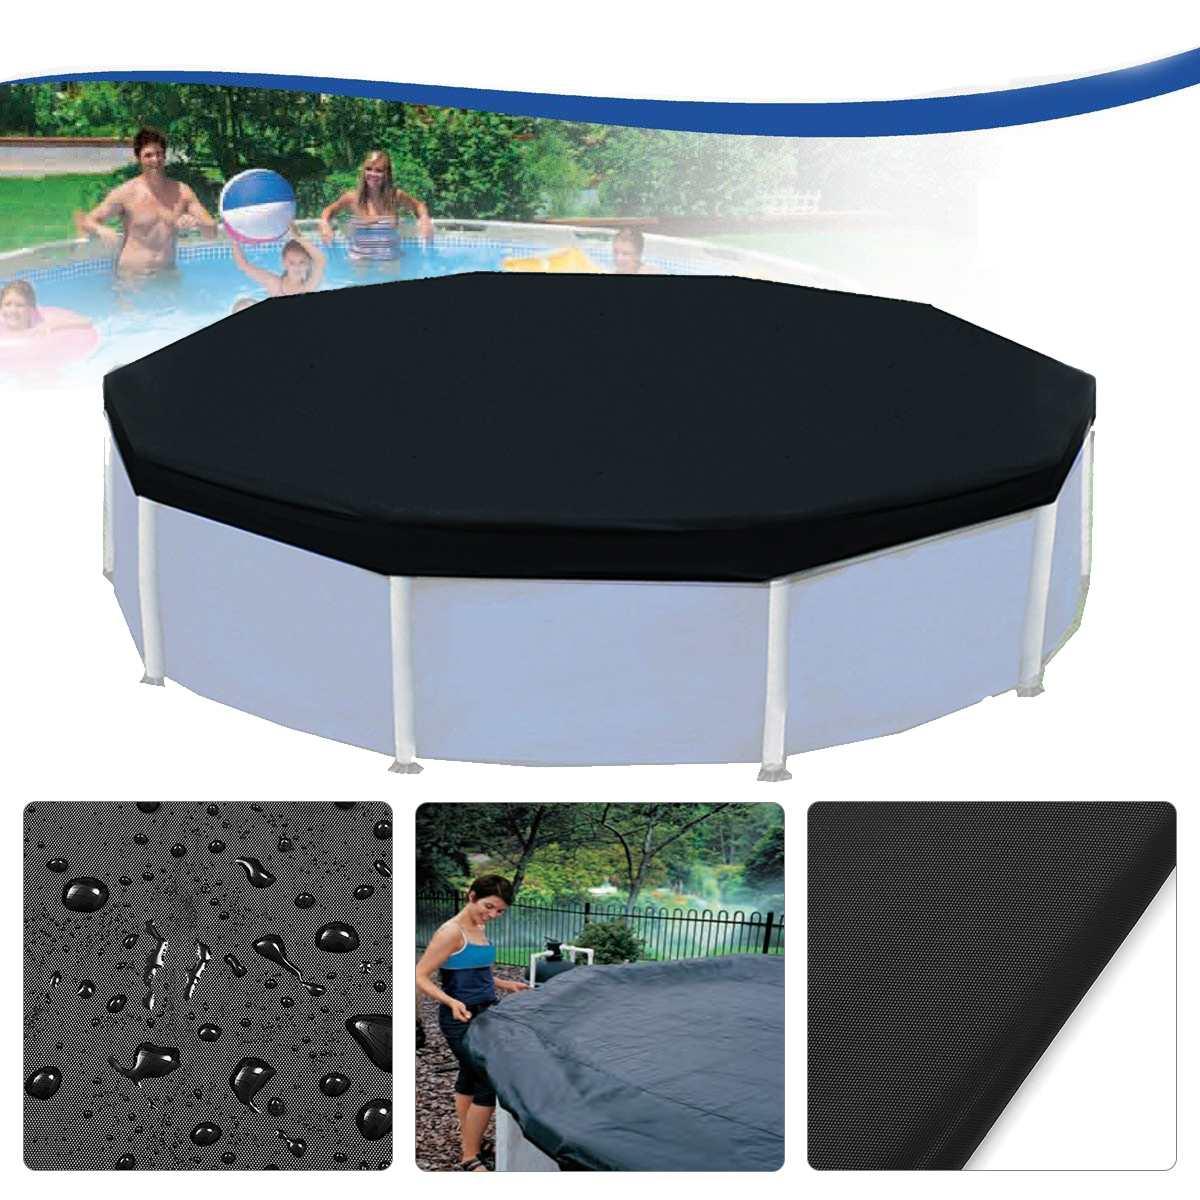 Couverture noire protectrice de piscine de 3.6 m 12 pieds pour le tissu de sol de tissu de Foor de piscines gonflables de cadre au-dessus du sol